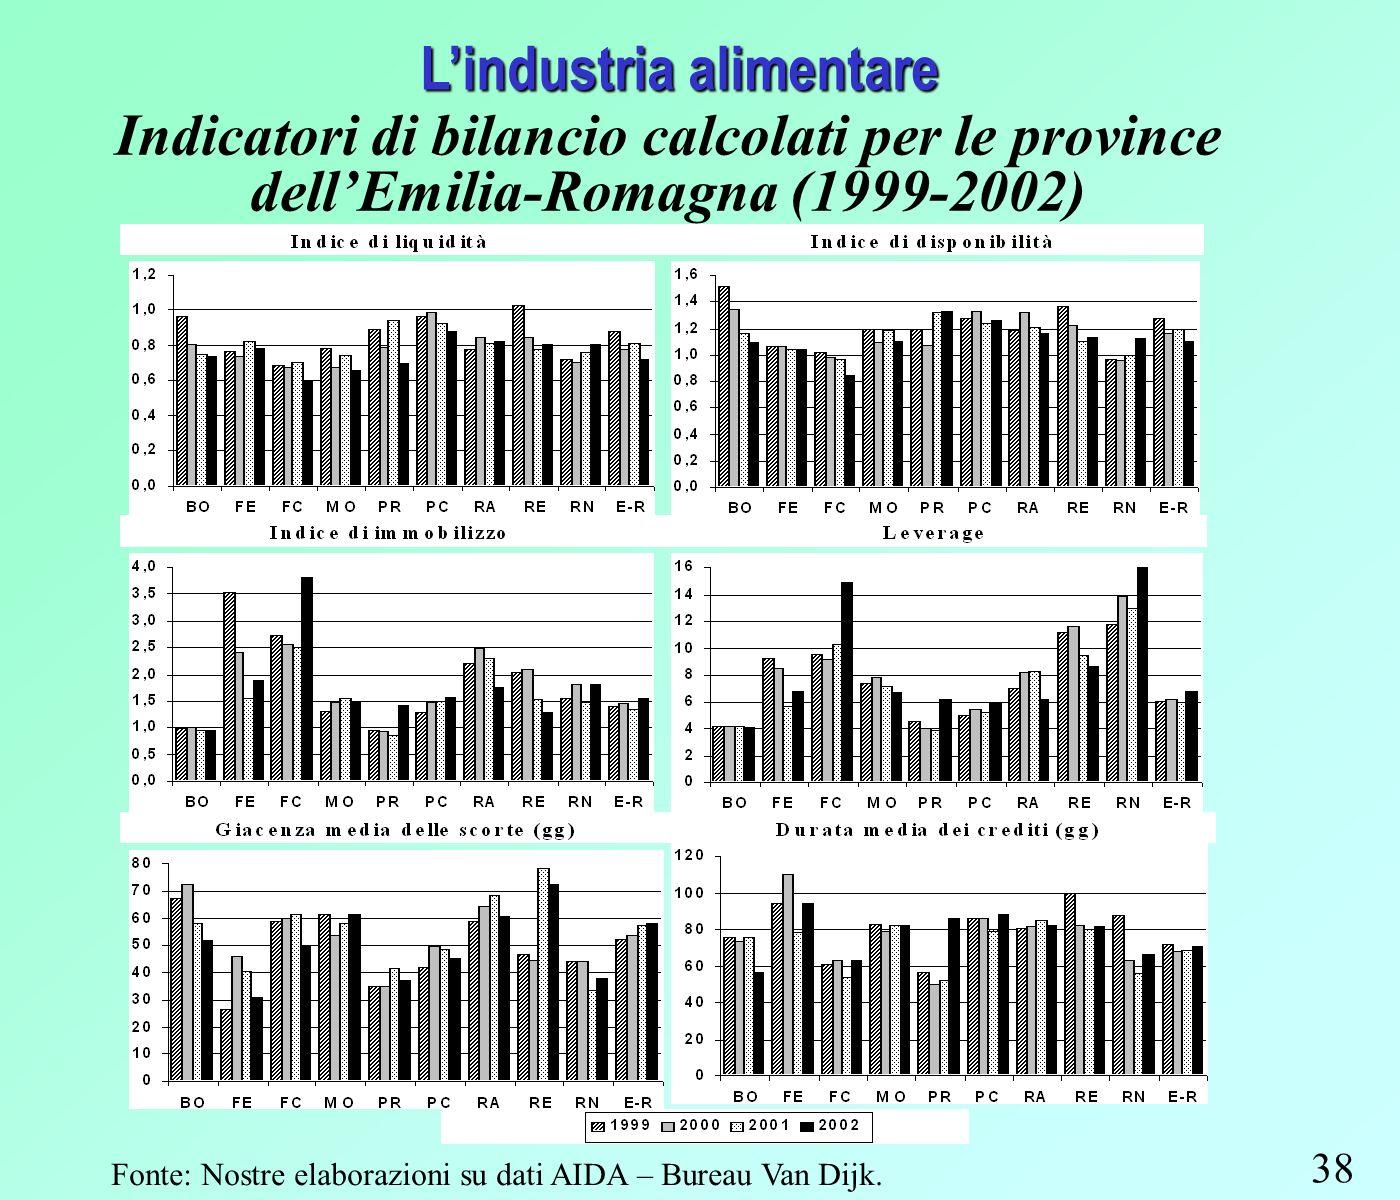 38 Lindustria alimentare Indicatori di bilancio calcolati per le province dellEmilia-Romagna (1999-2002) Fonte: Nostre elaborazioni su dati AIDA – Bureau Van Dijk.